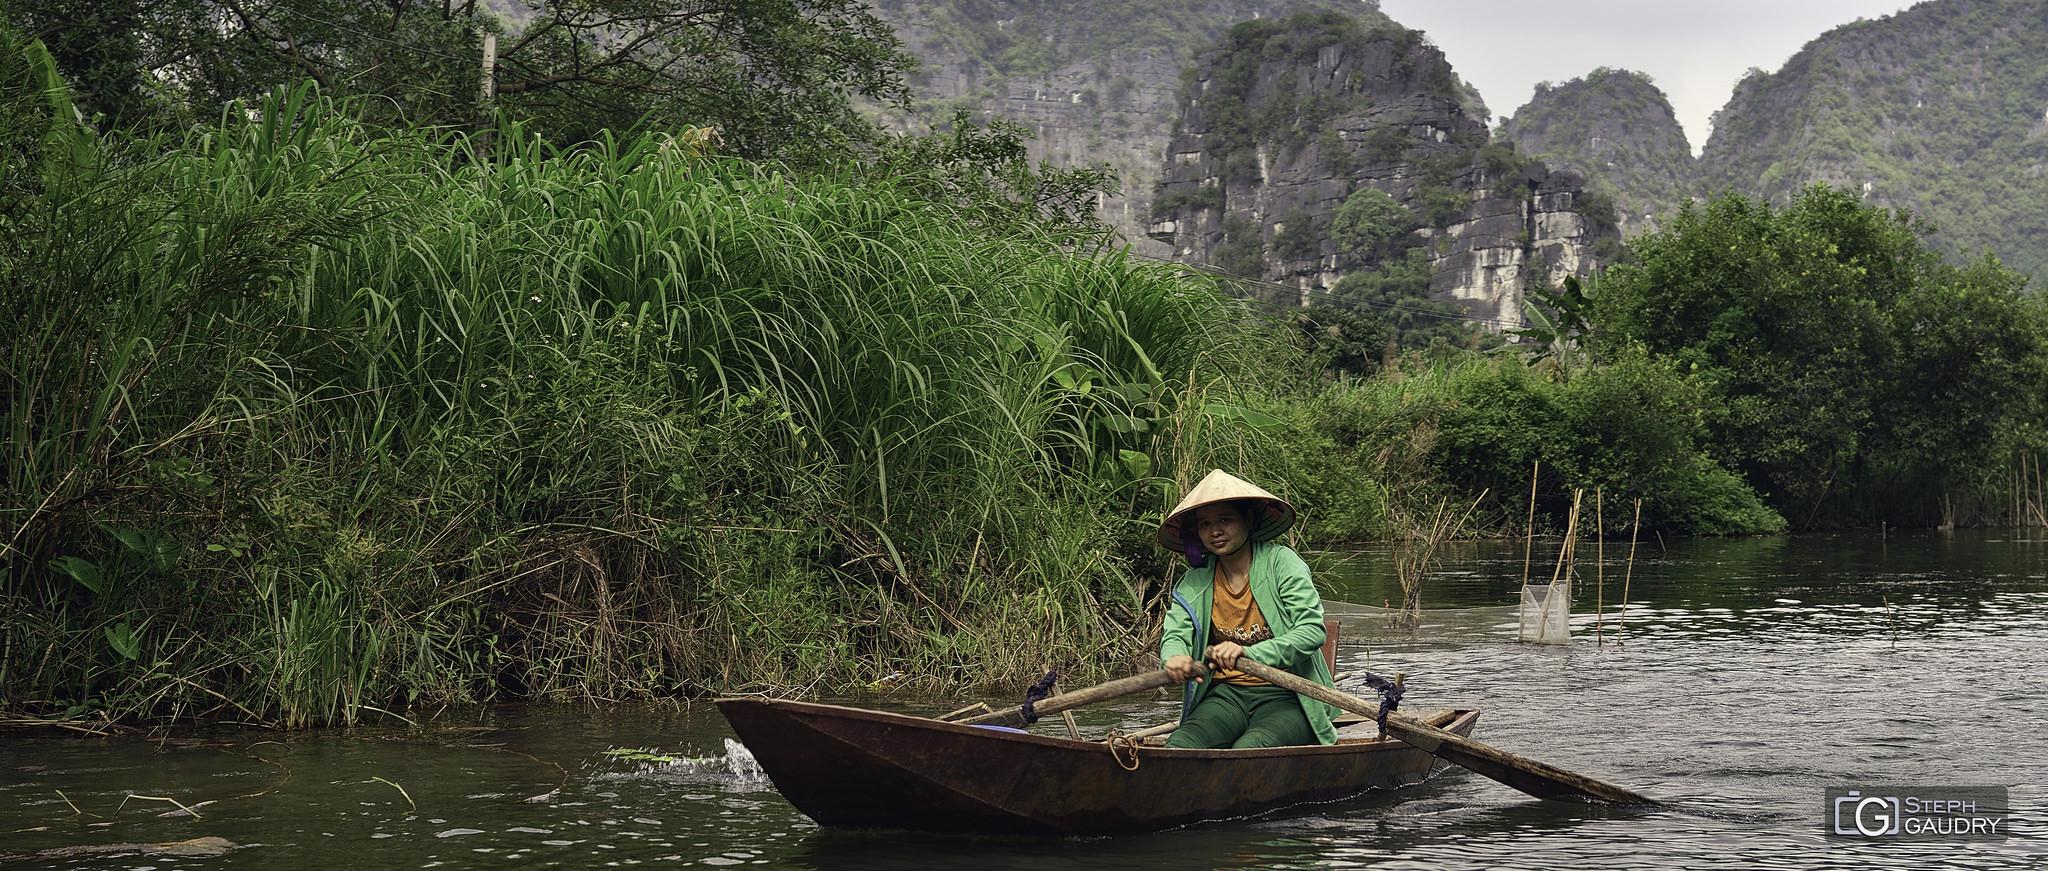 Sur la rivière Ngo Dong (Ninh Binh, Vietnam) [Klik om de diavoorstelling te starten]